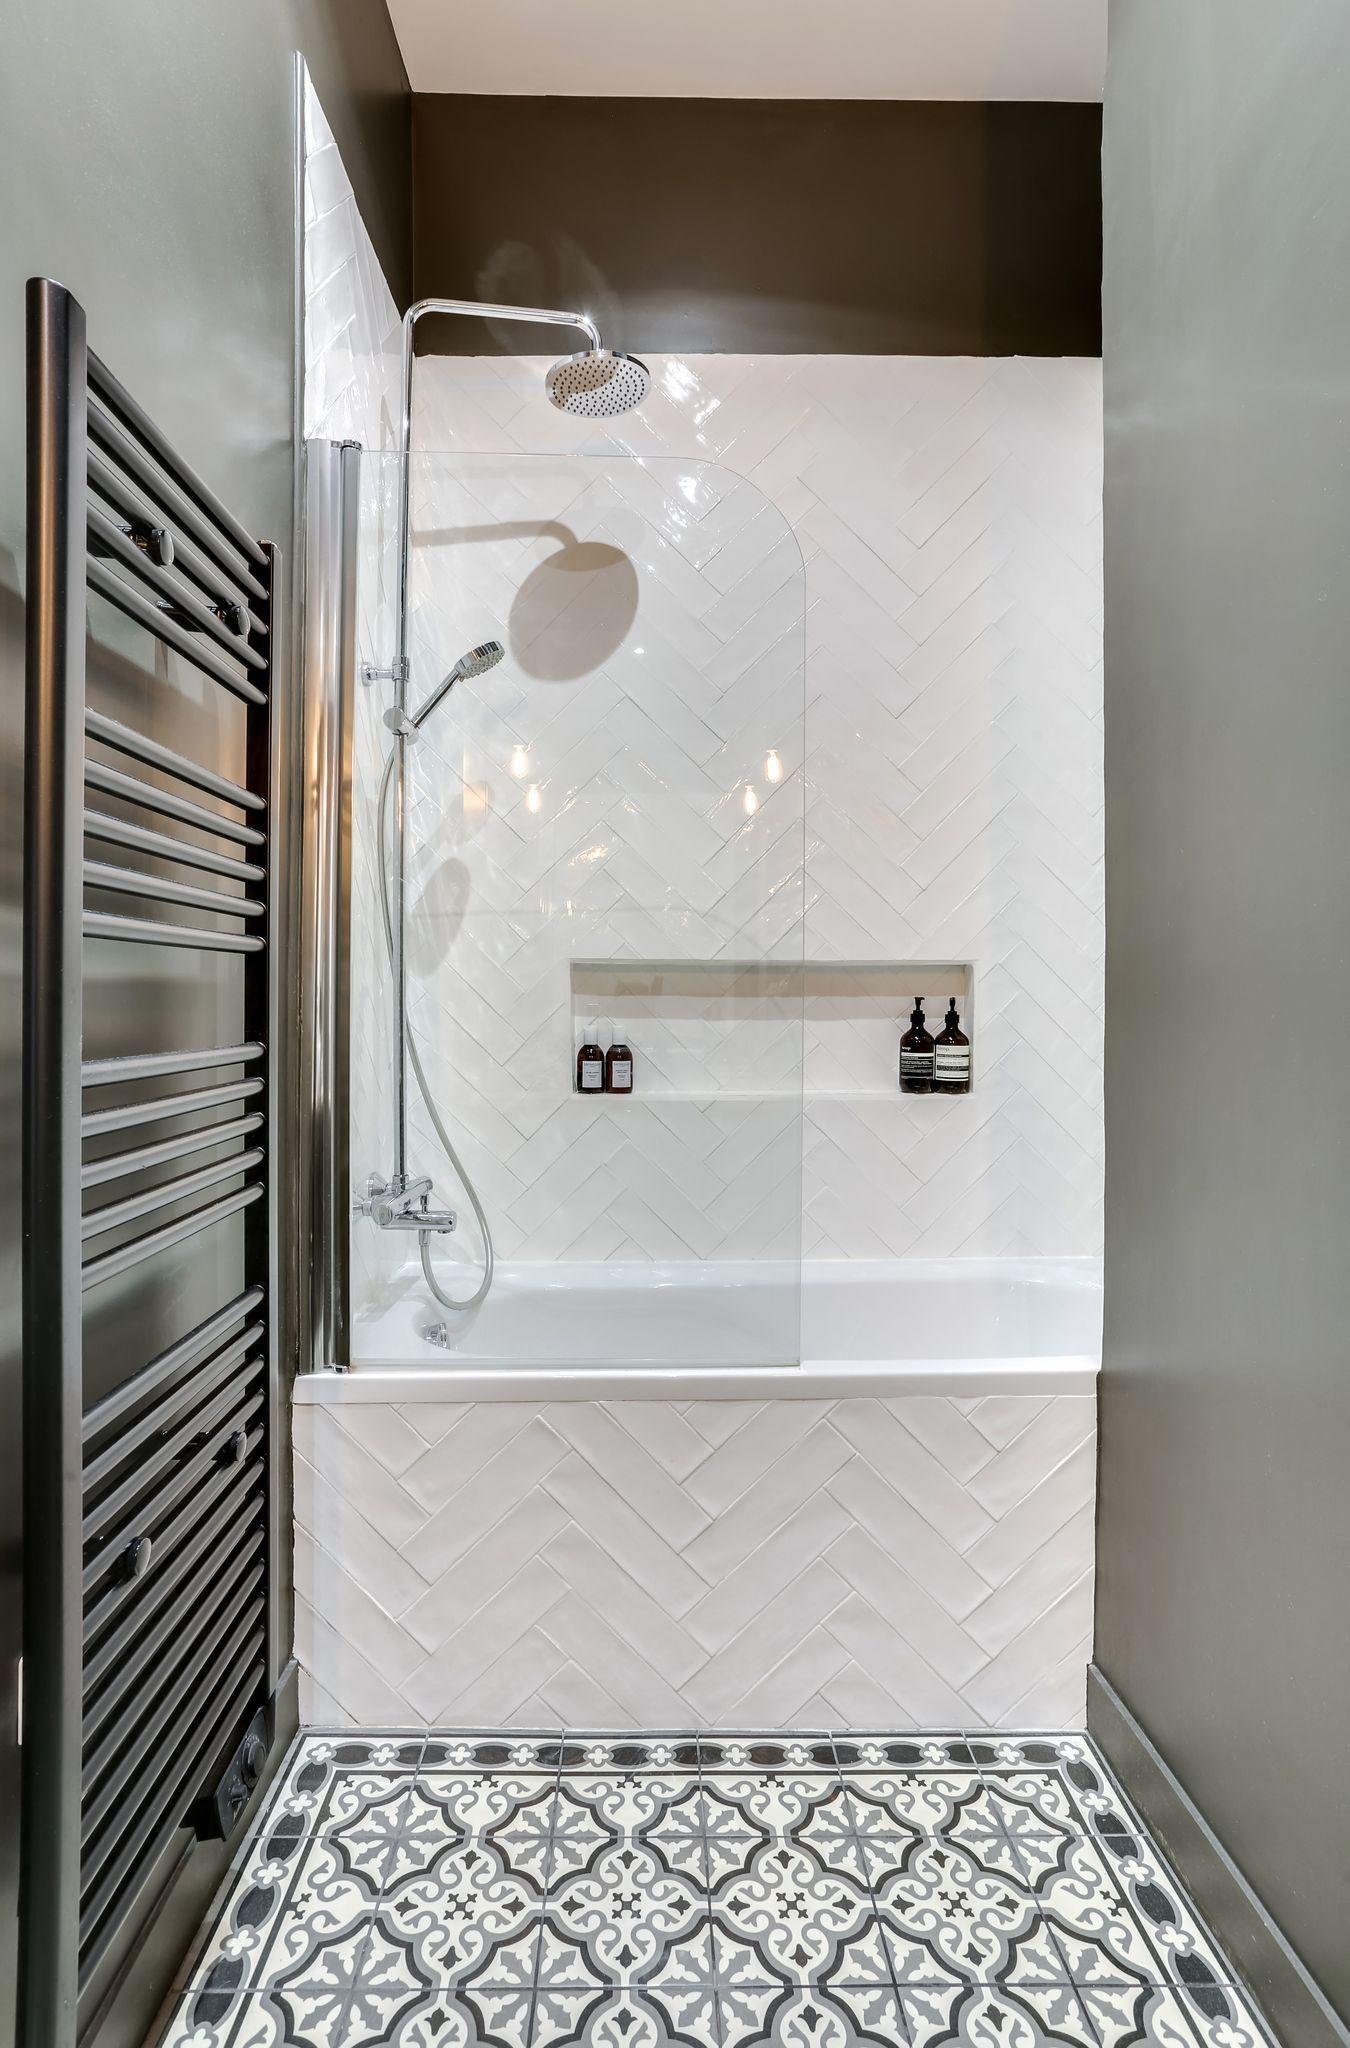 Carrelage petite salle de bain  Petite salle de bain, Idée salle